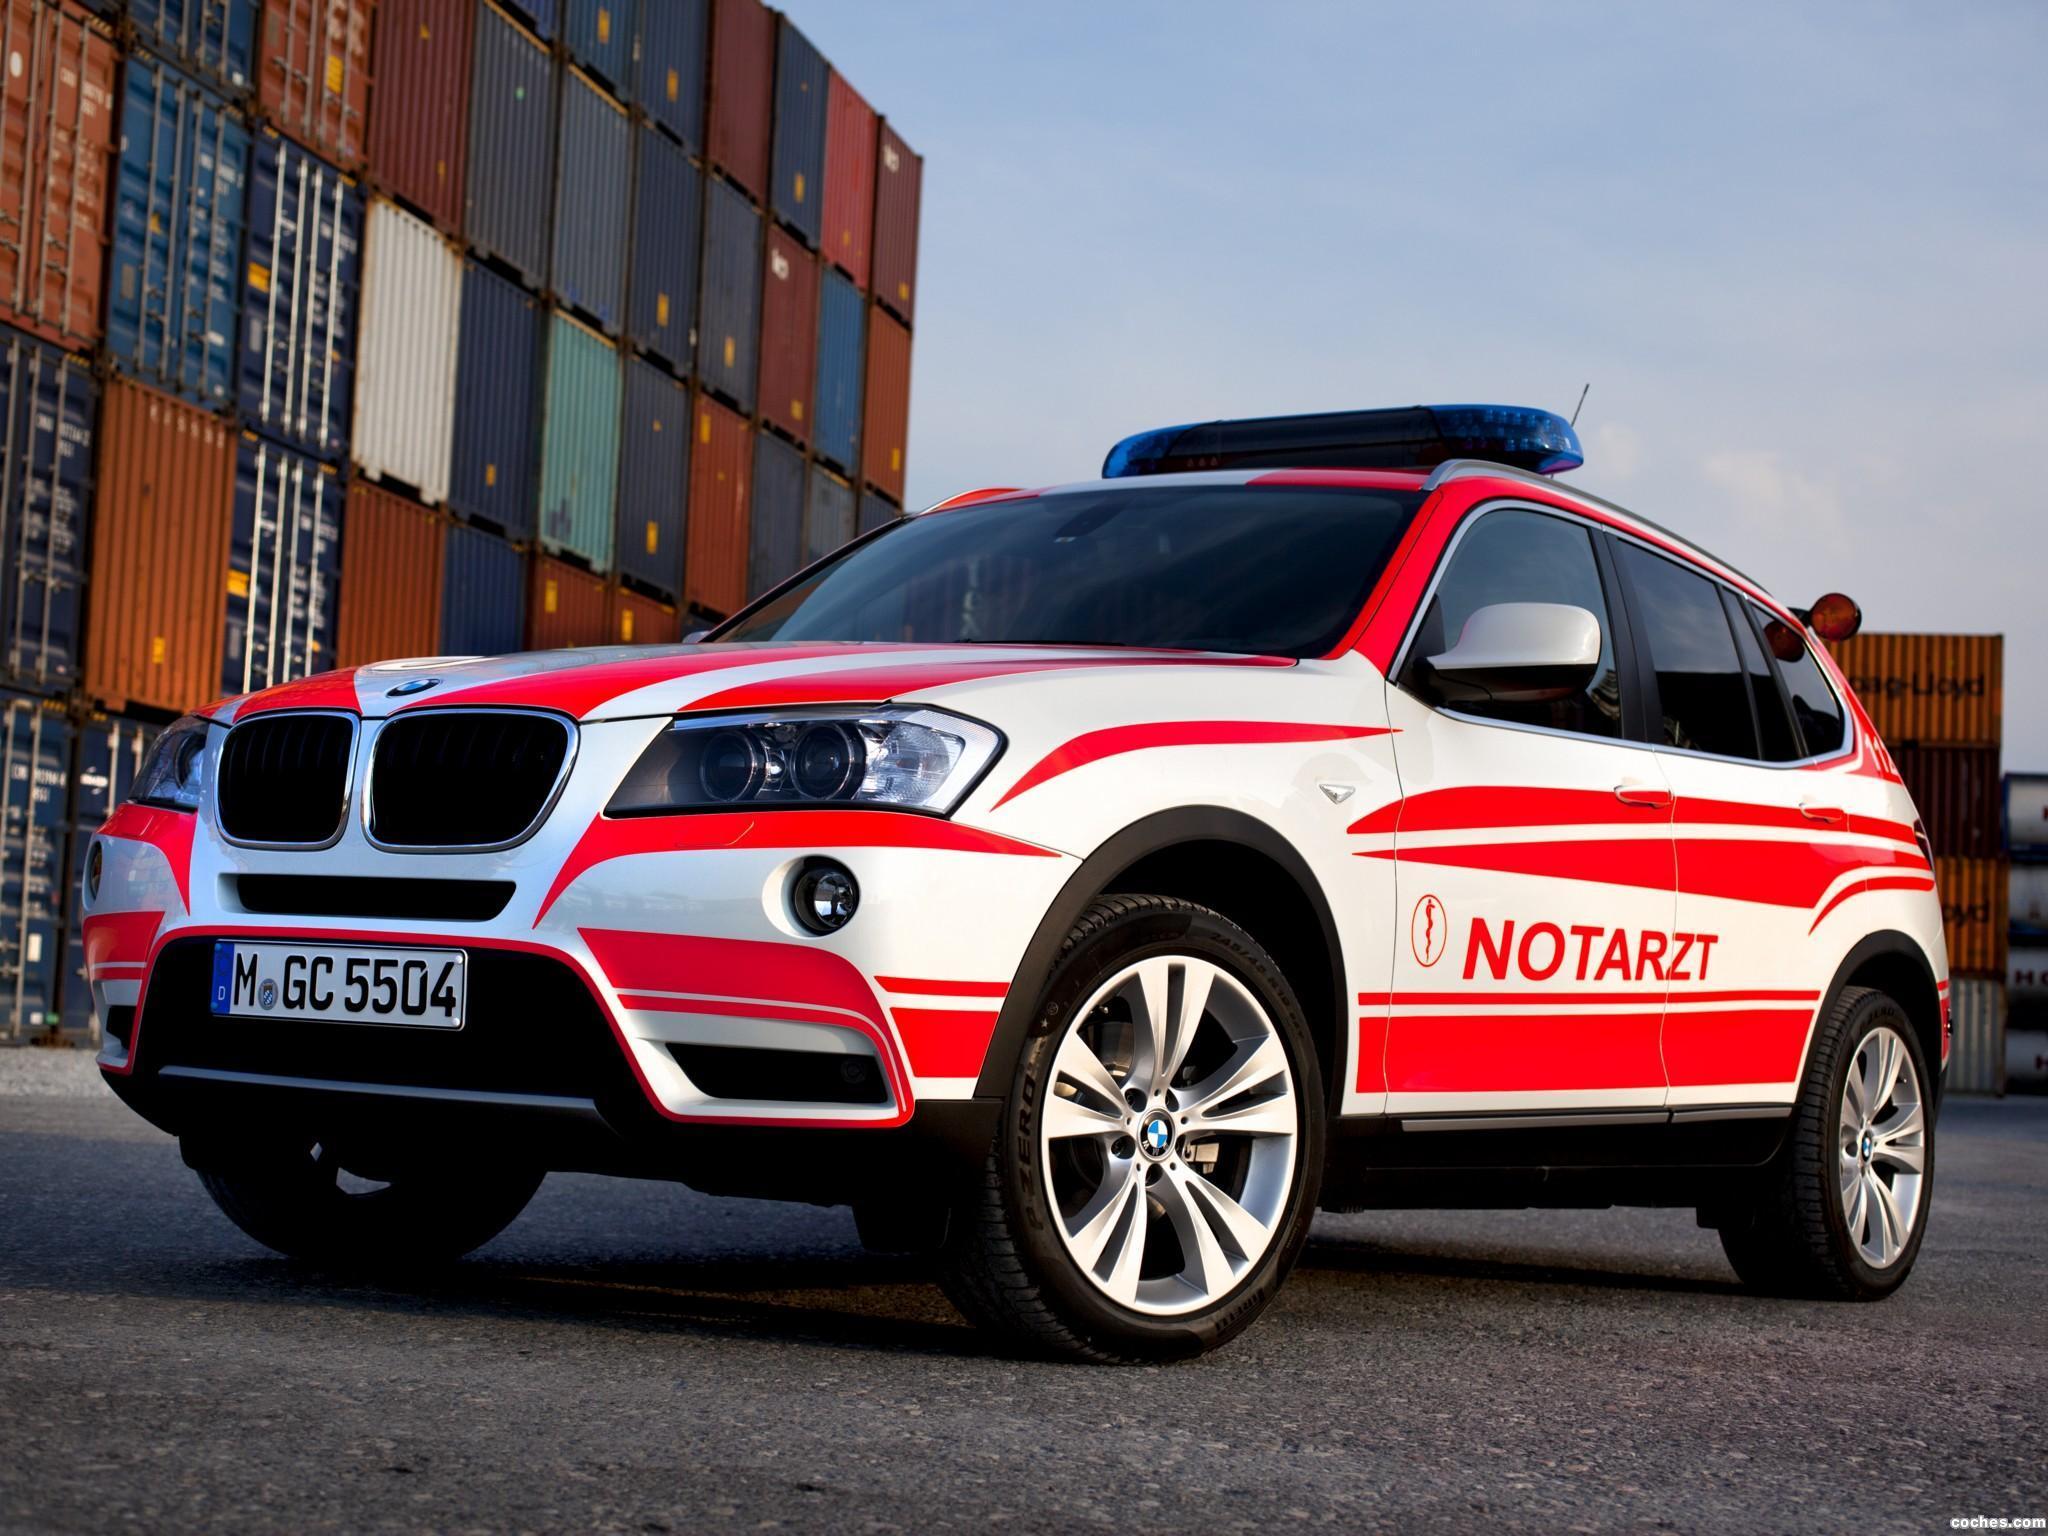 Foto 0 de BMW X3 Notarzt F25 2011